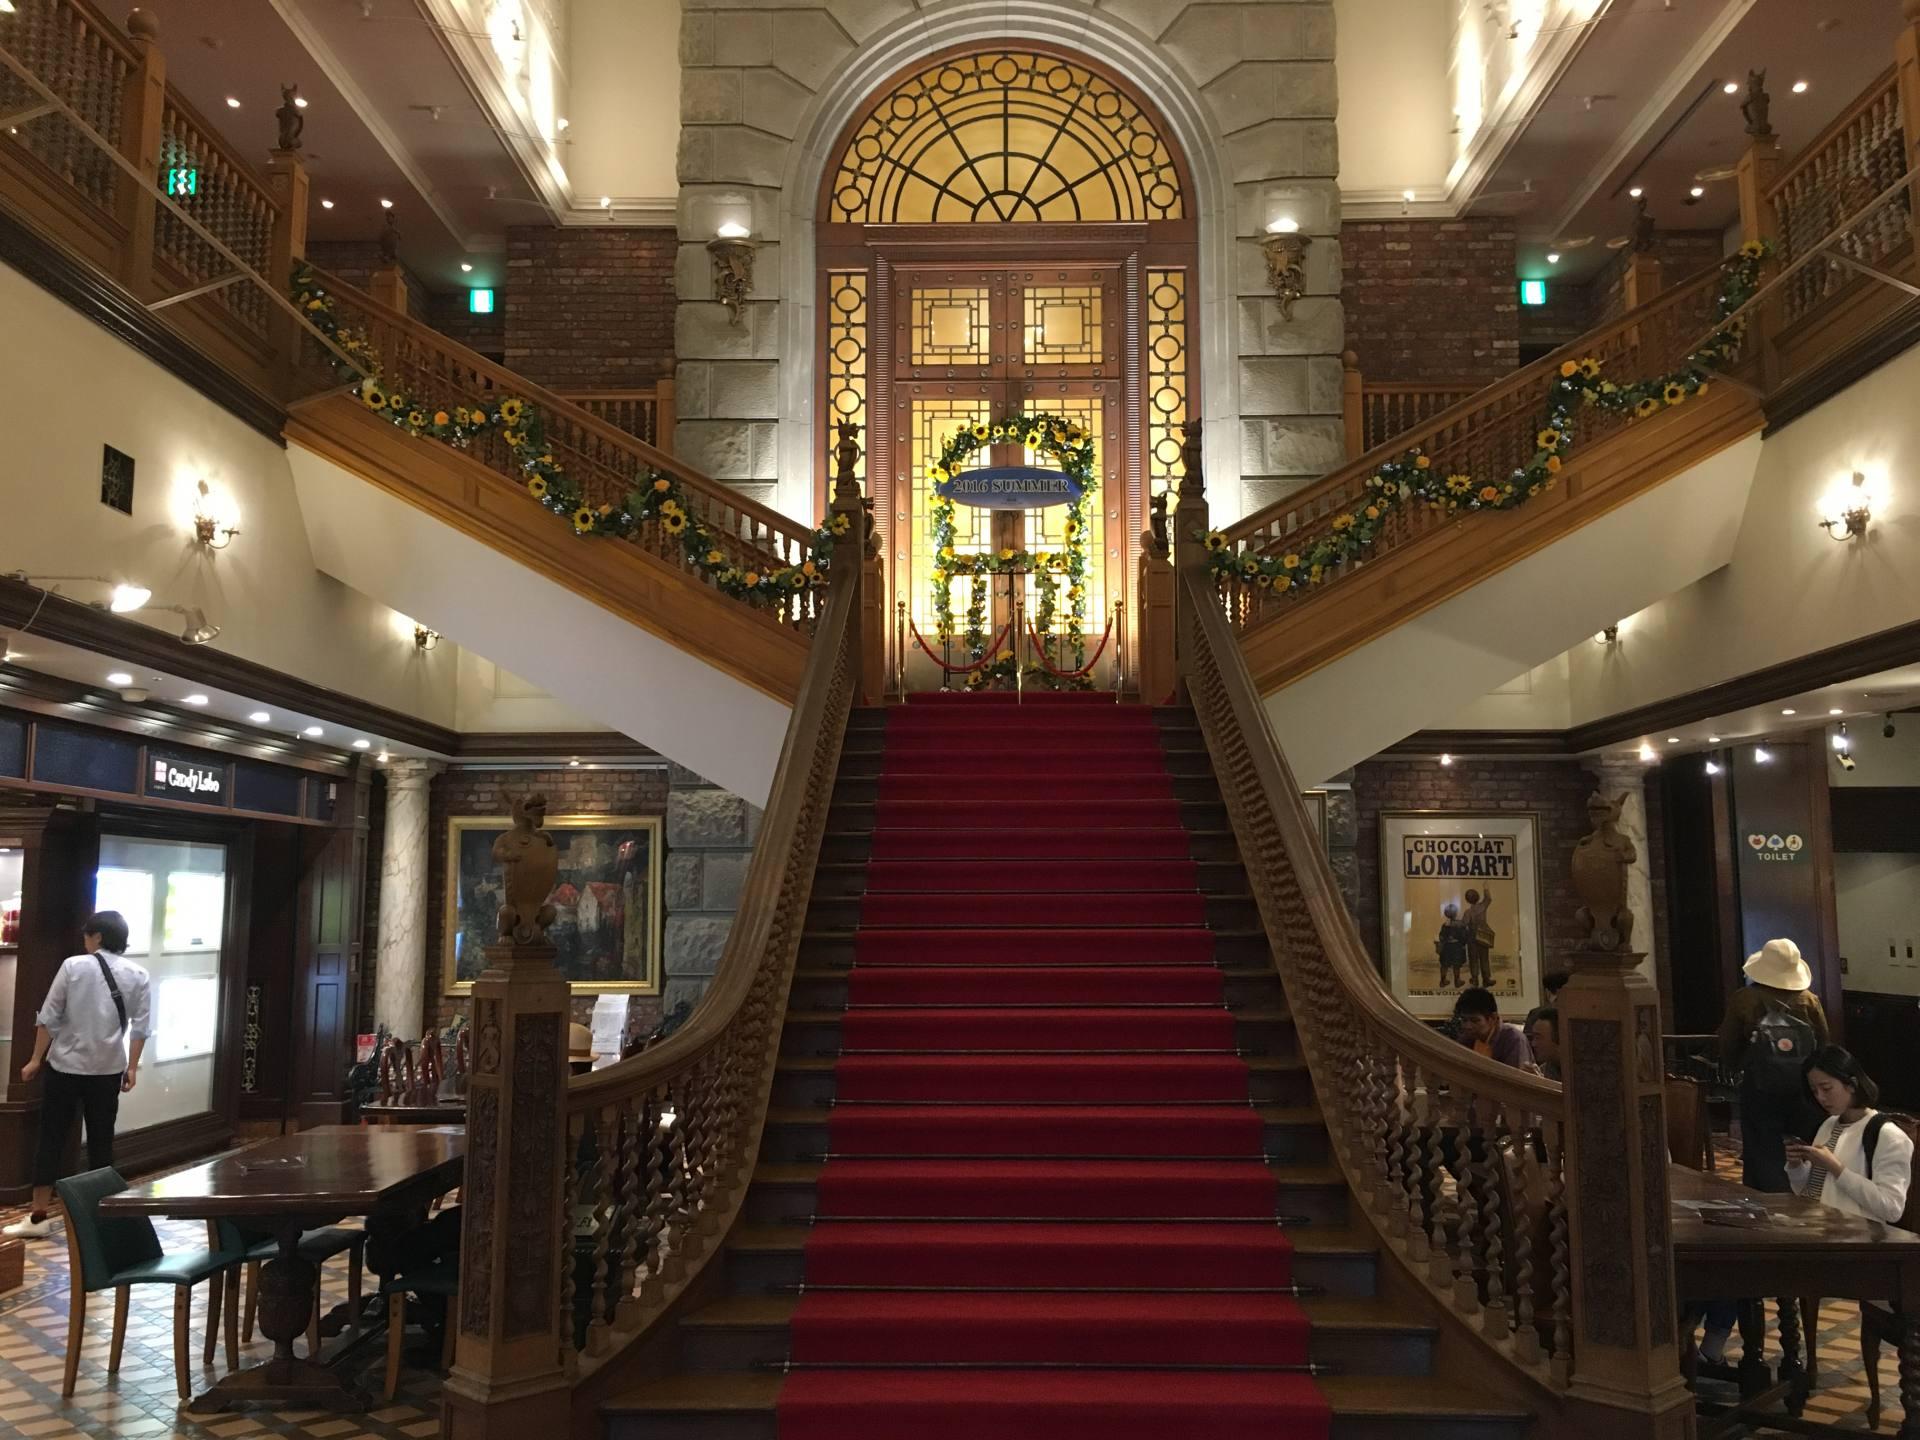 令人印象深刻的红地毯阶梯